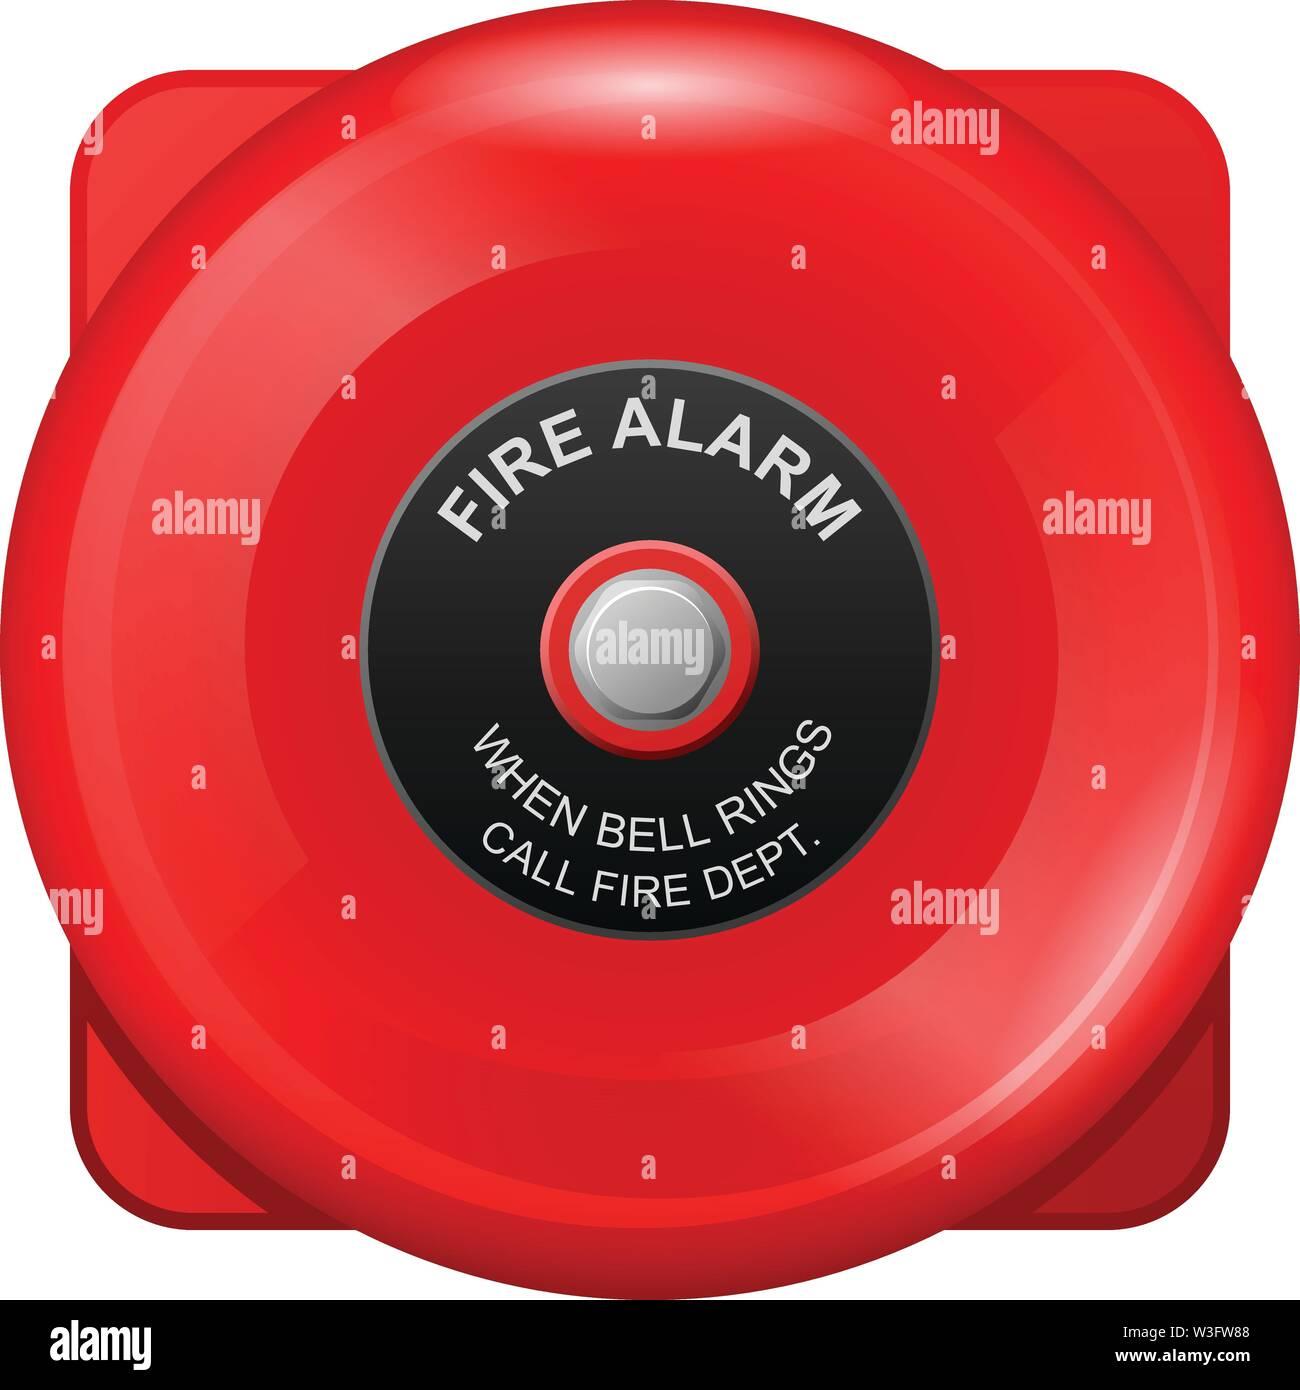 Alarme incendie red bell, d'une sirène d'évacuation d'urgence, mur de cloche Photo Stock